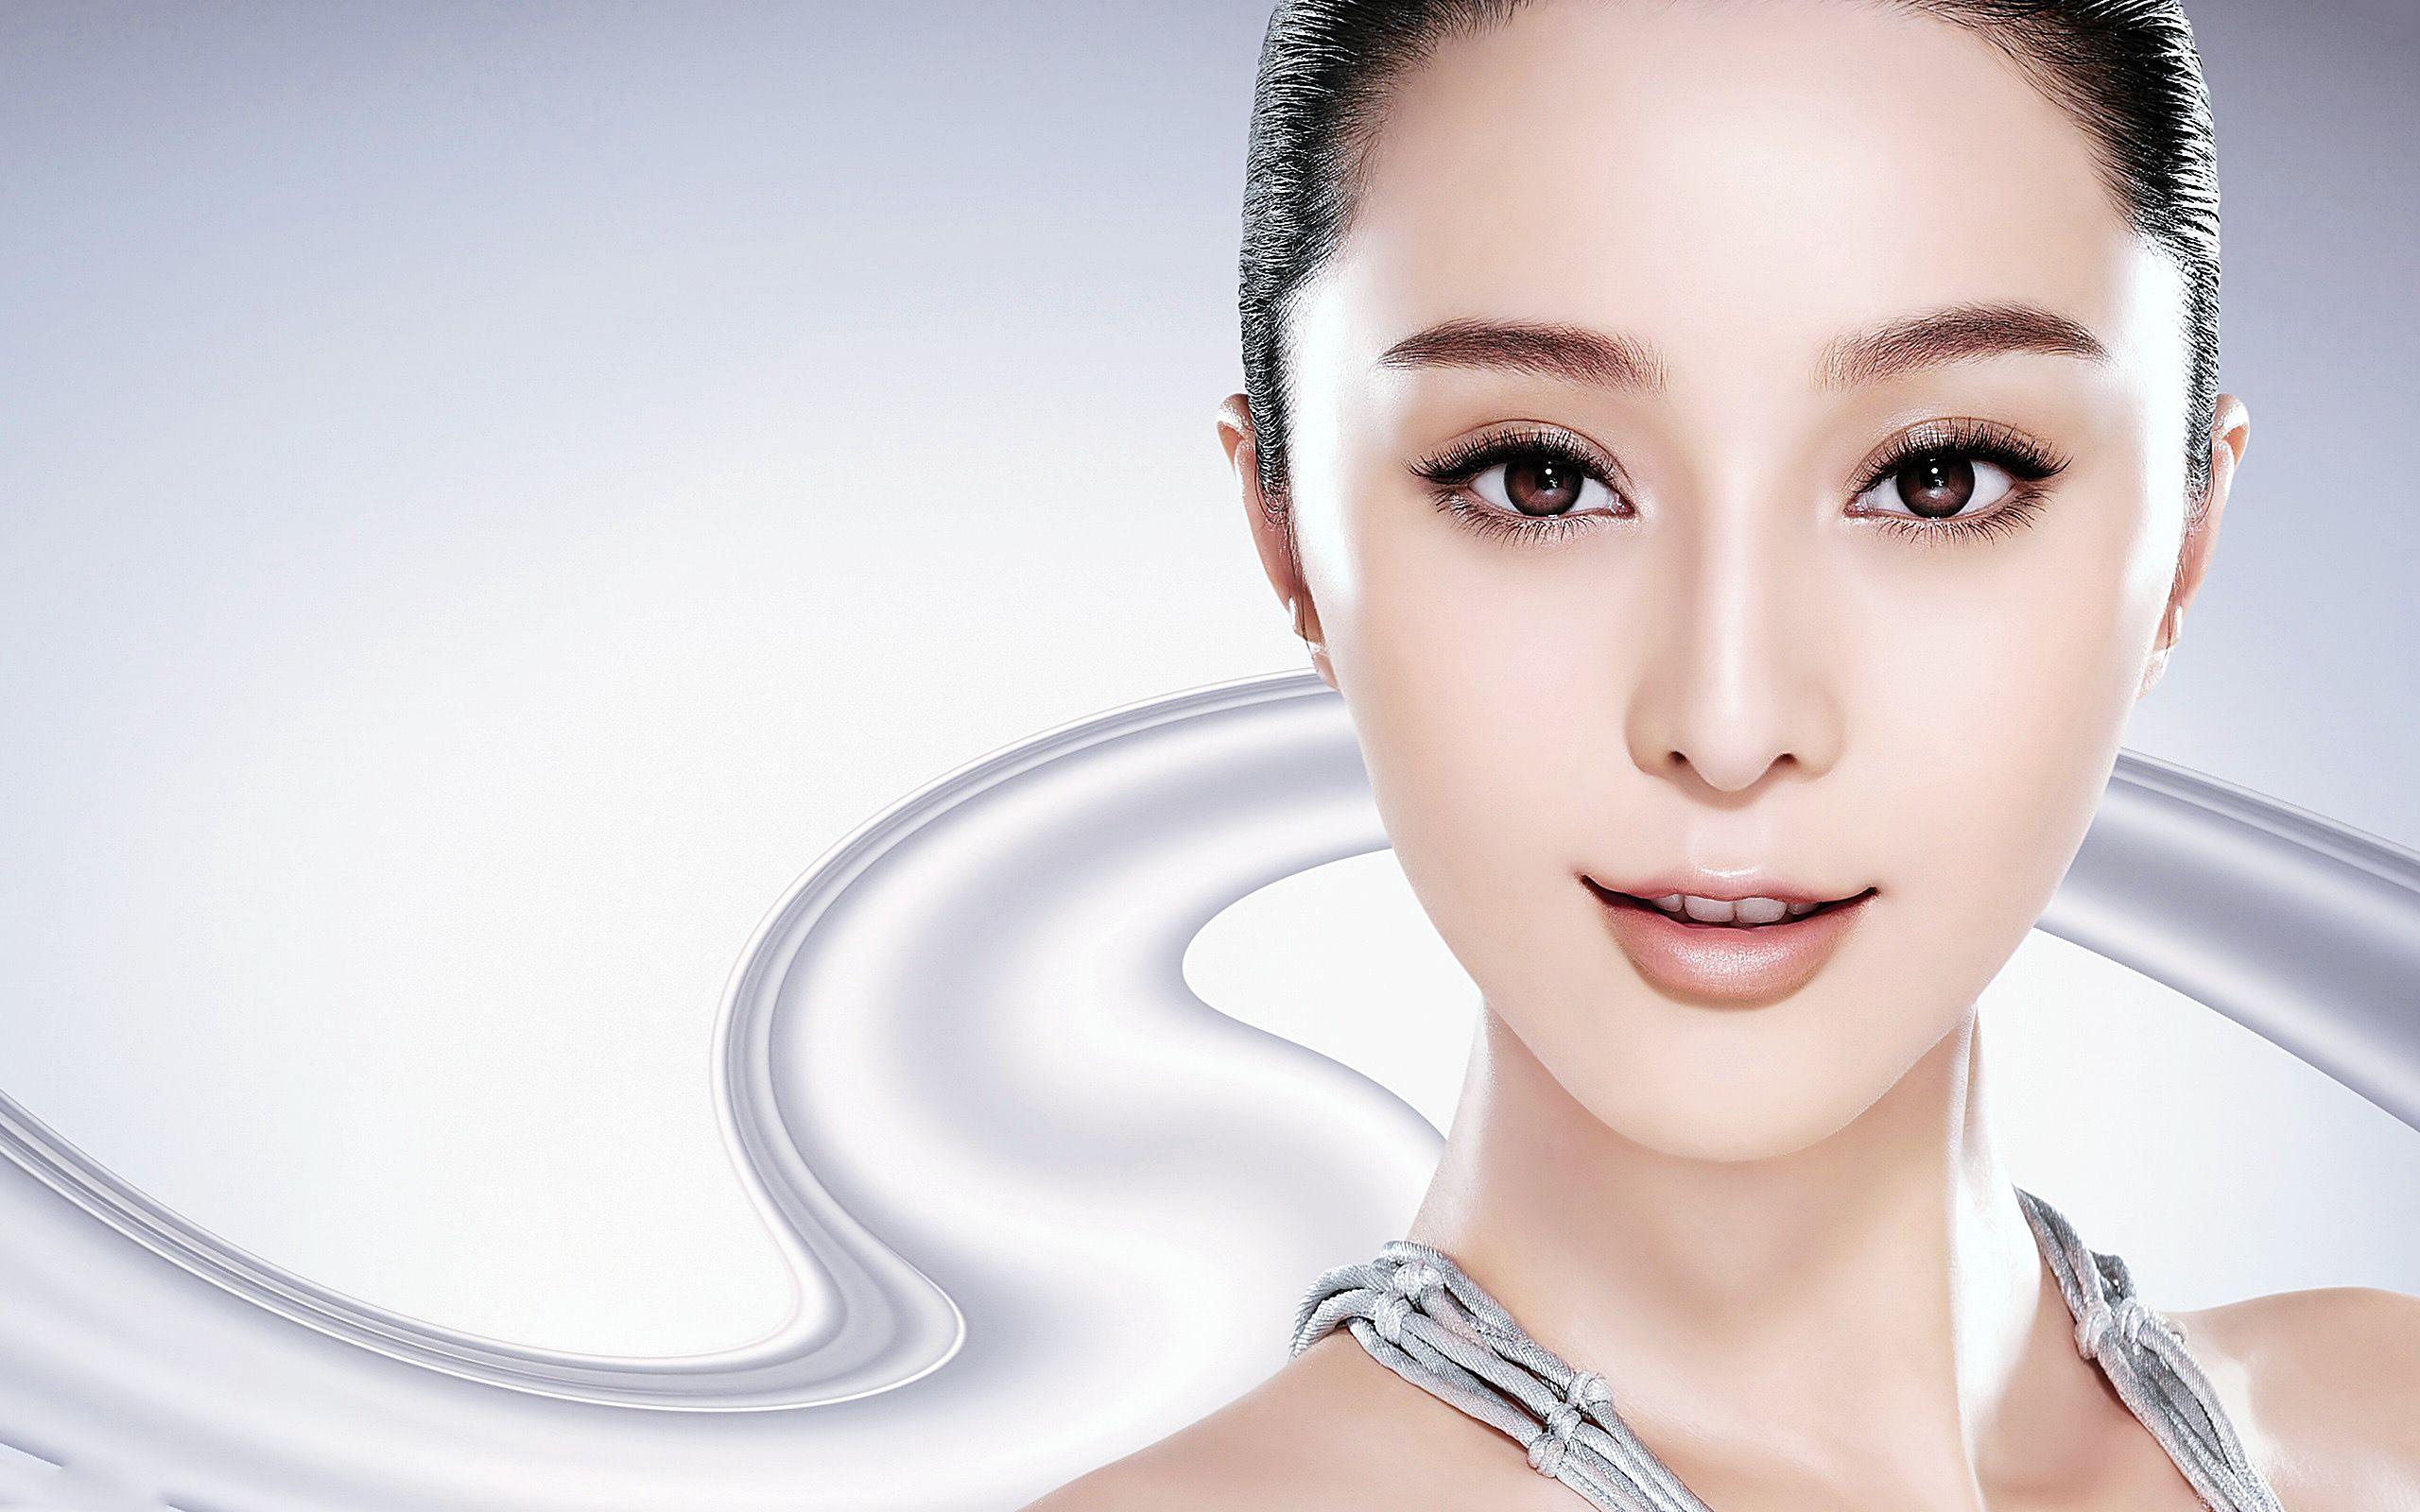 Tiêu chuẩn nào để đánh giá mũi cao đẹp tự nhiên? - nangmuislinedep.com.vn